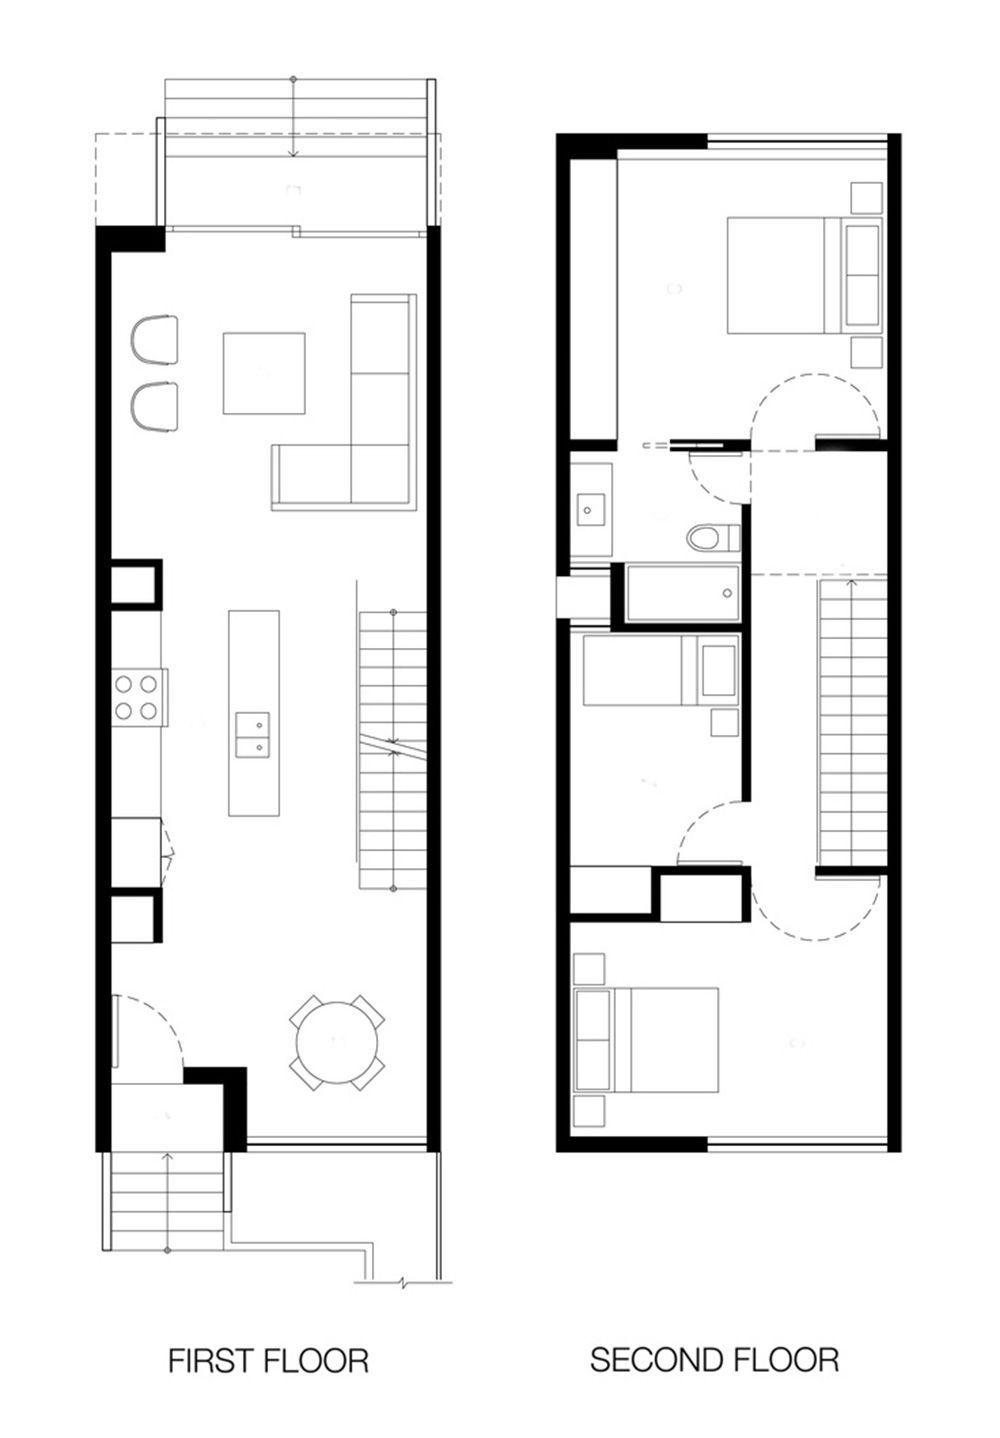 Characteristics Of Simple Minimalist House Plans Narrow House Designs Narrow House Plans Minimalist House Design